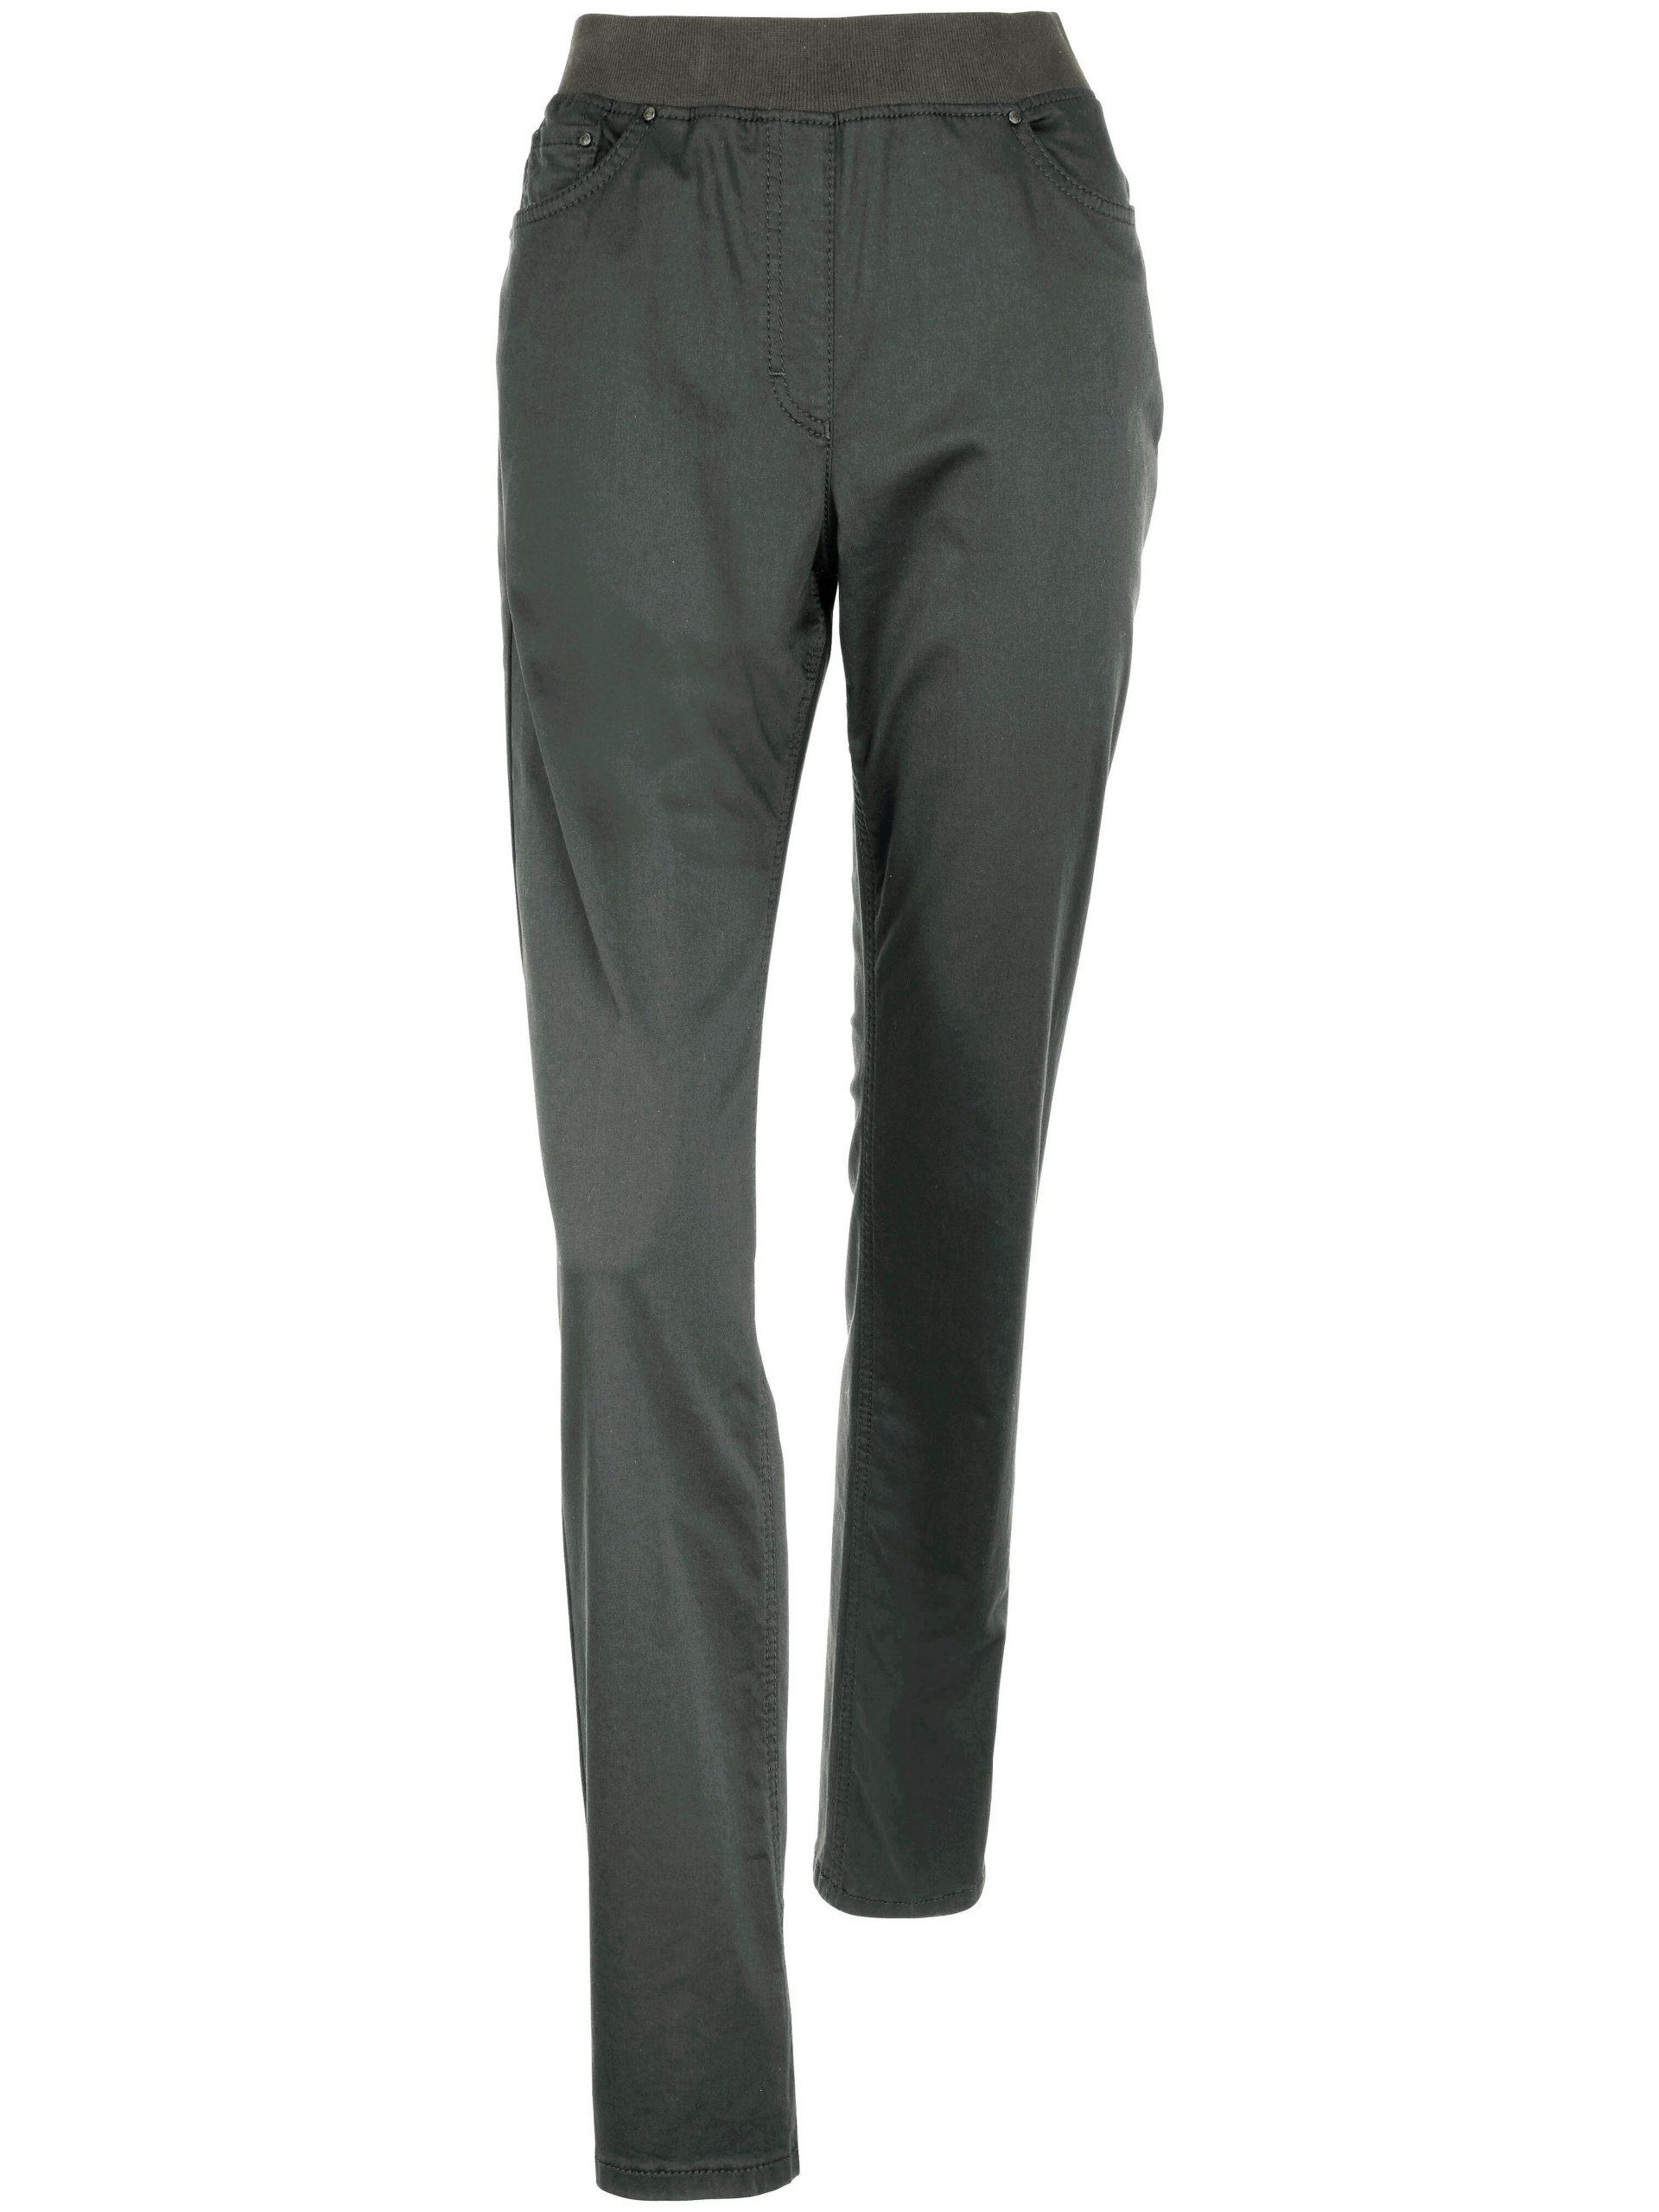 Comfort Plus-broek, model Carina Van Raphaela by Brax groen Kopen